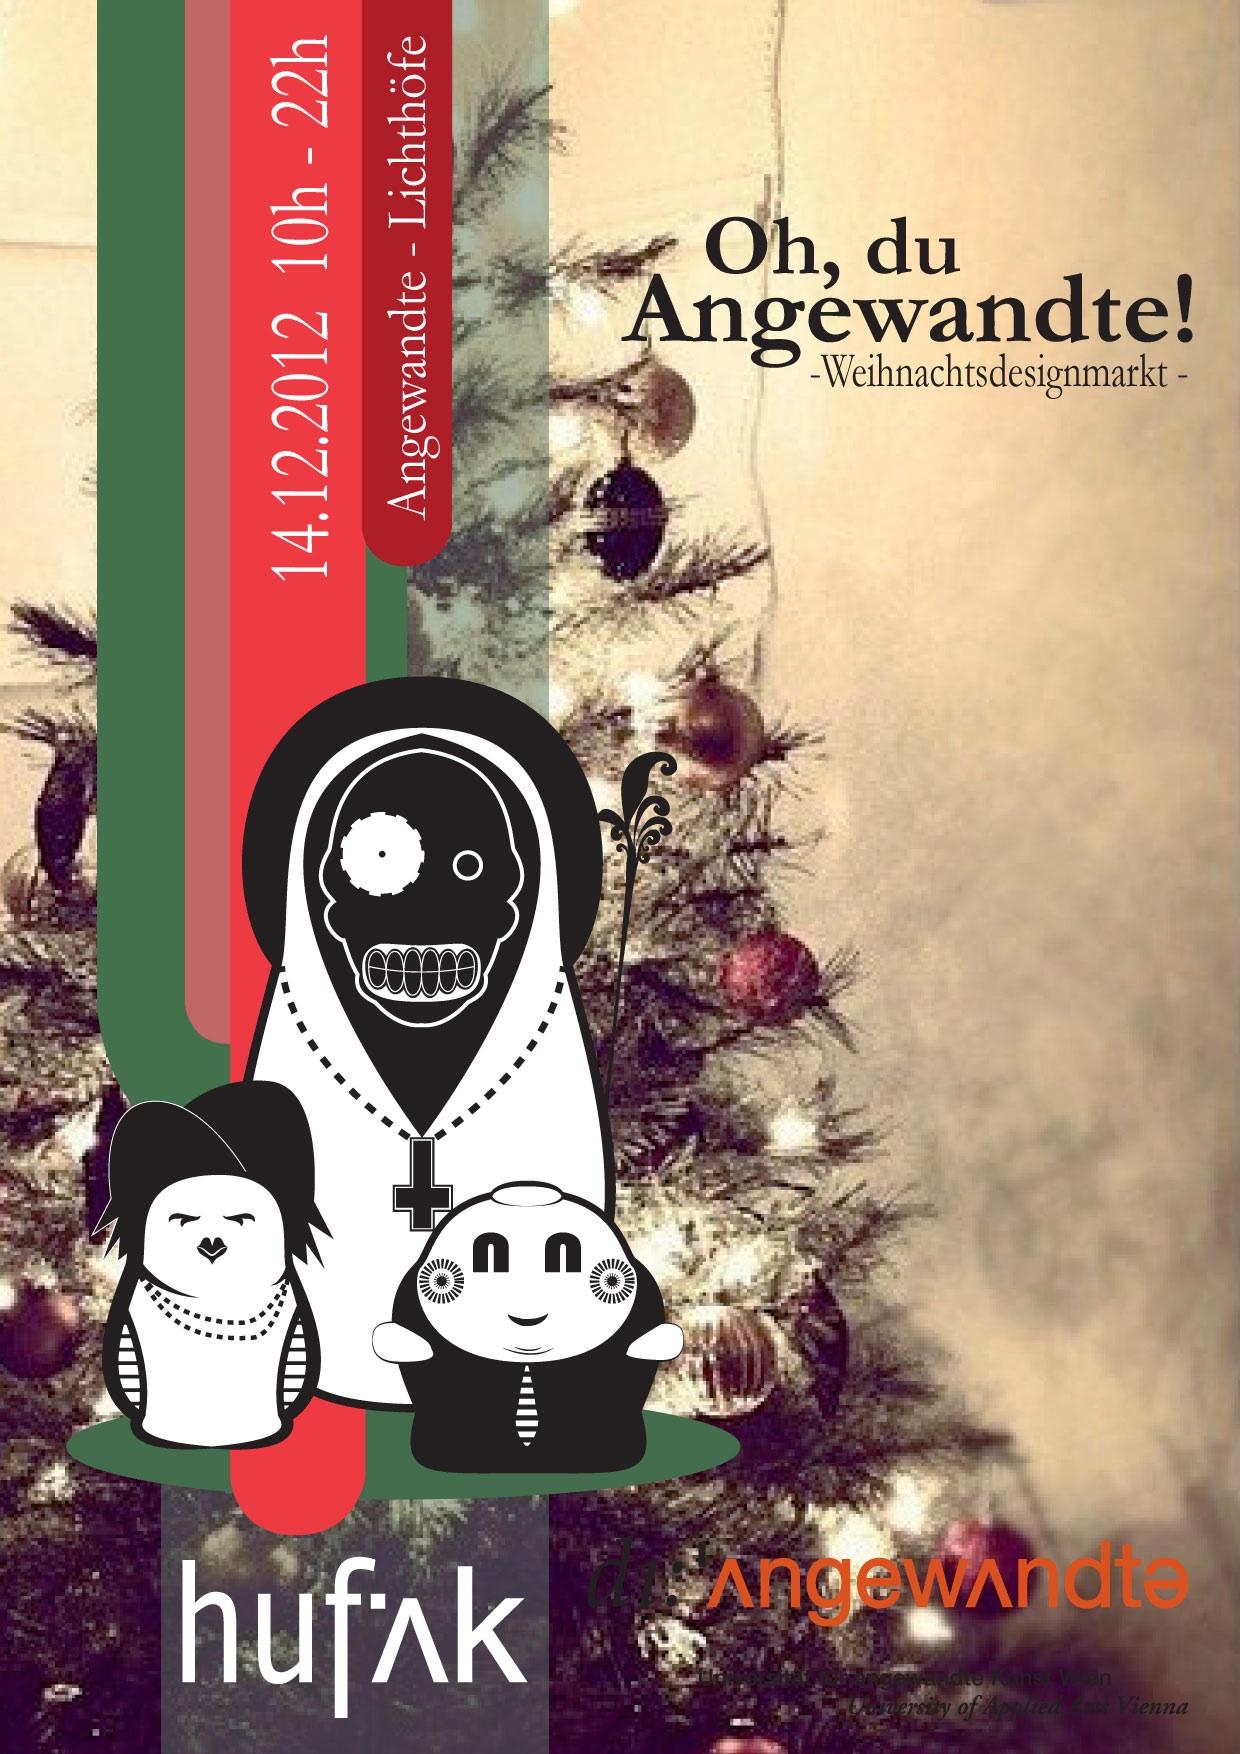 Angewandte_Designmarkt_Flyer